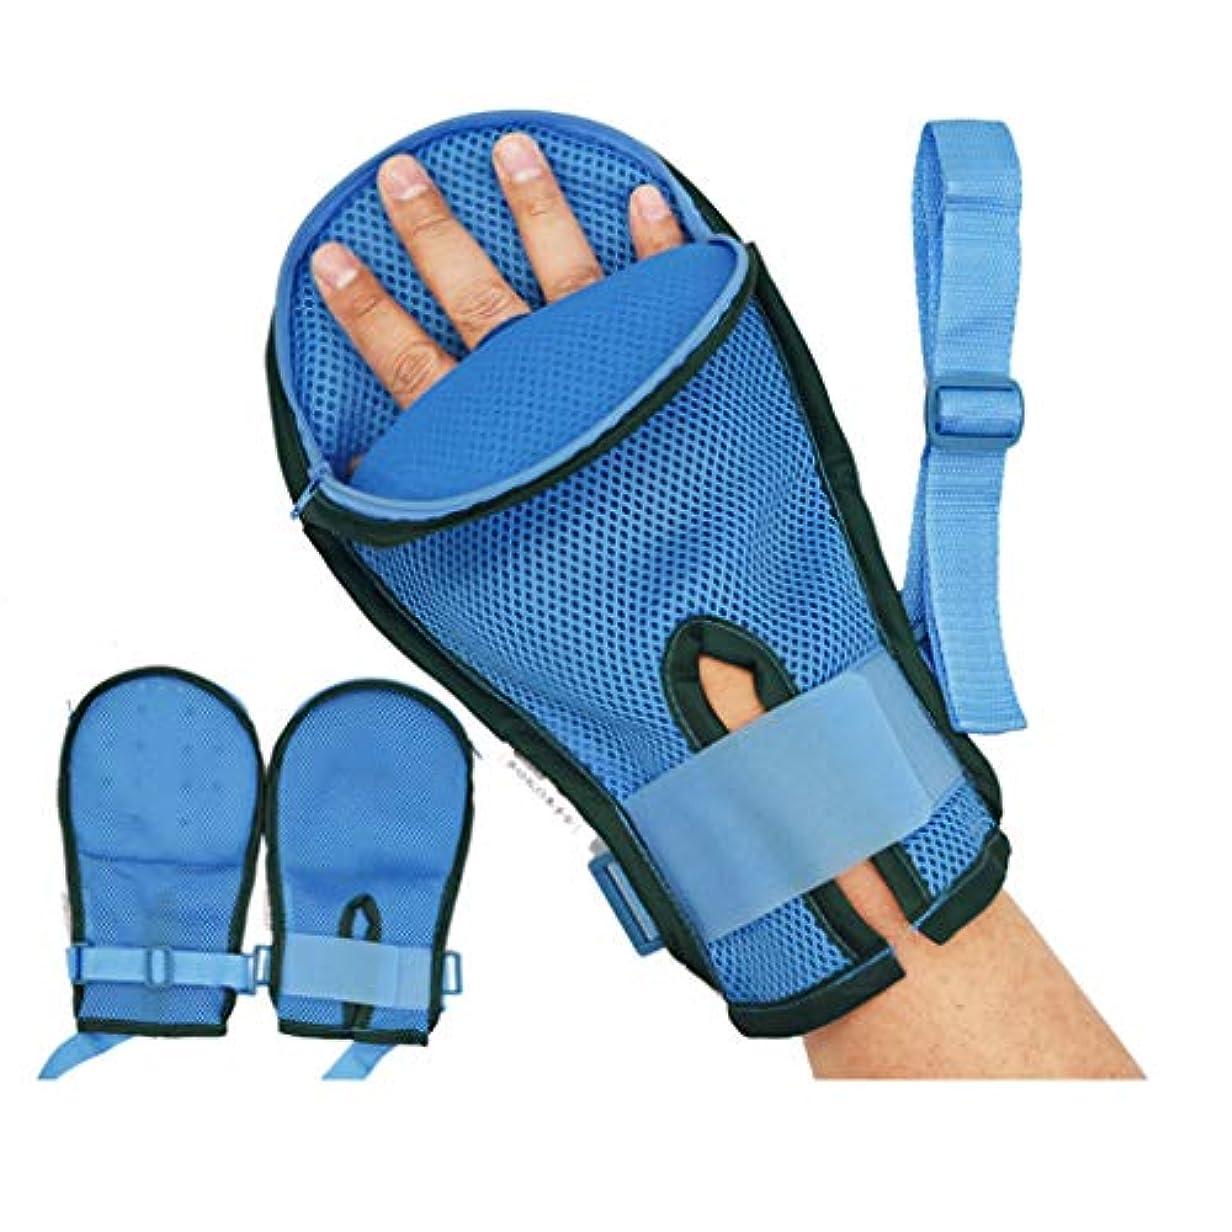 概念プレミアム区別手の拘束制御手袋 - 安全通気性の指の手袋認知症の手袋指の害を防ぐ固定ヘルスケア用具,2pcs,L